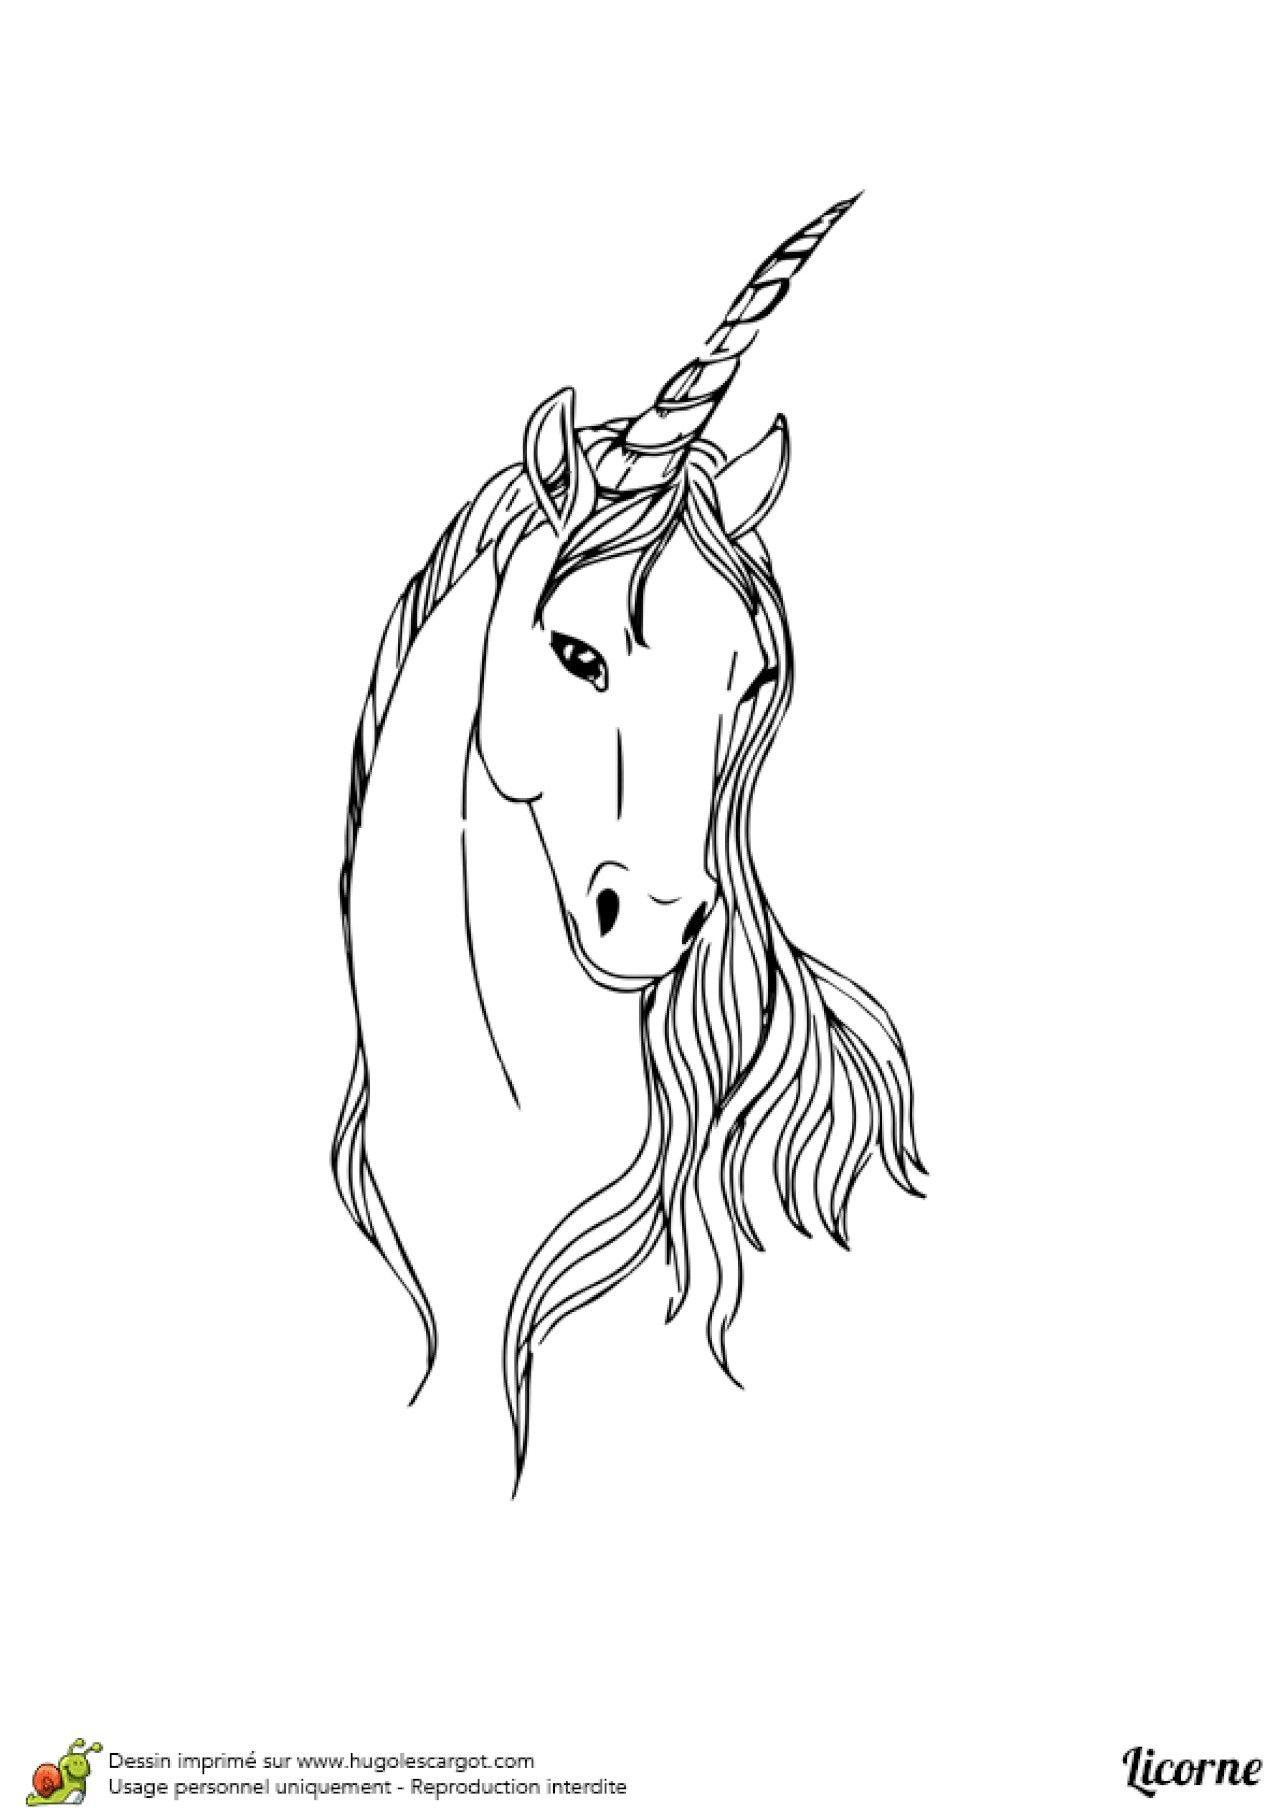 unicorn malvorlagen kostenlos spielen  tiffanylovesbooks